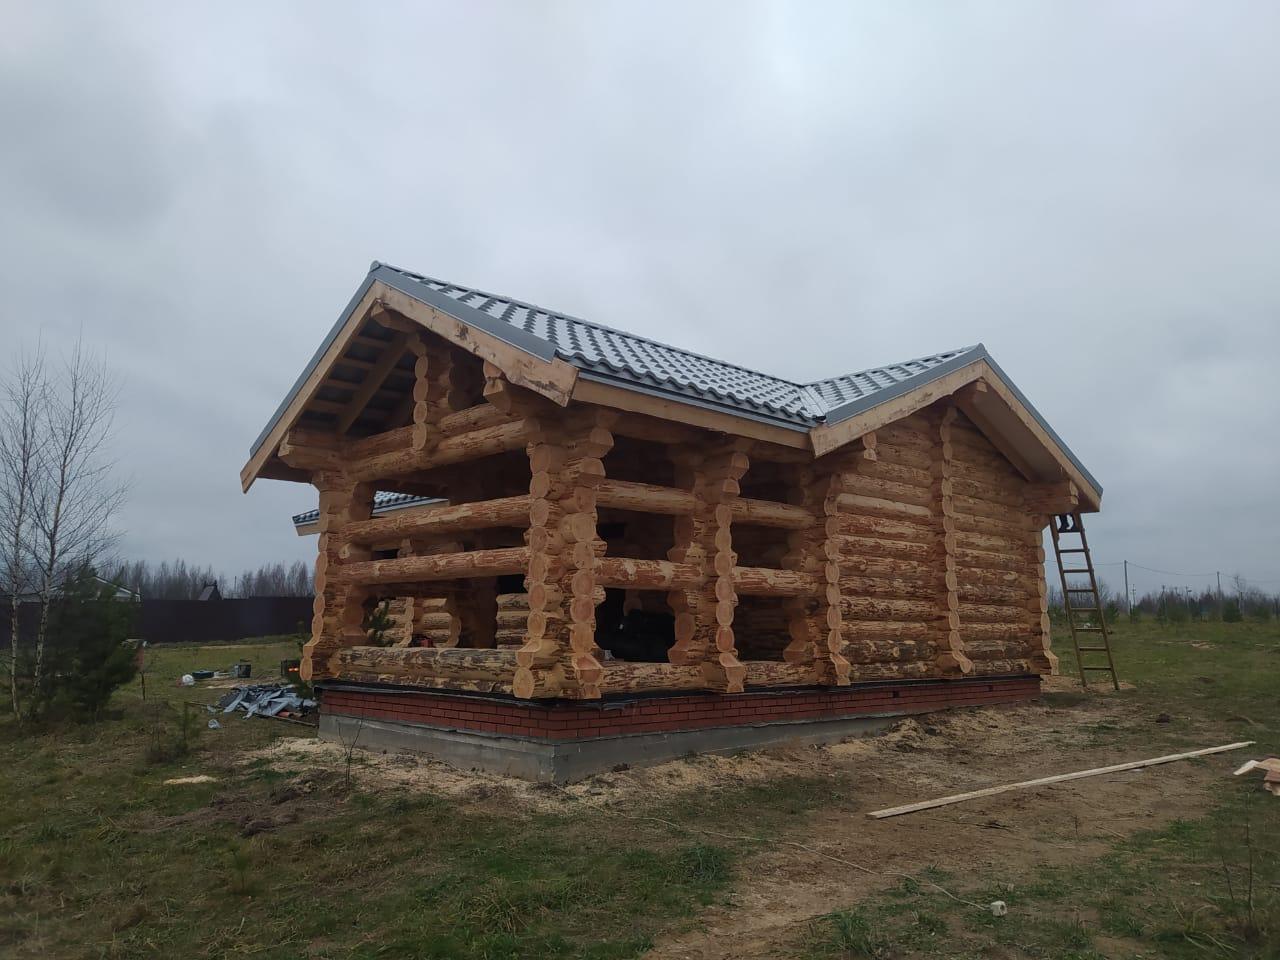 Фото: Большая баня из окорённого бревна в Тверской области